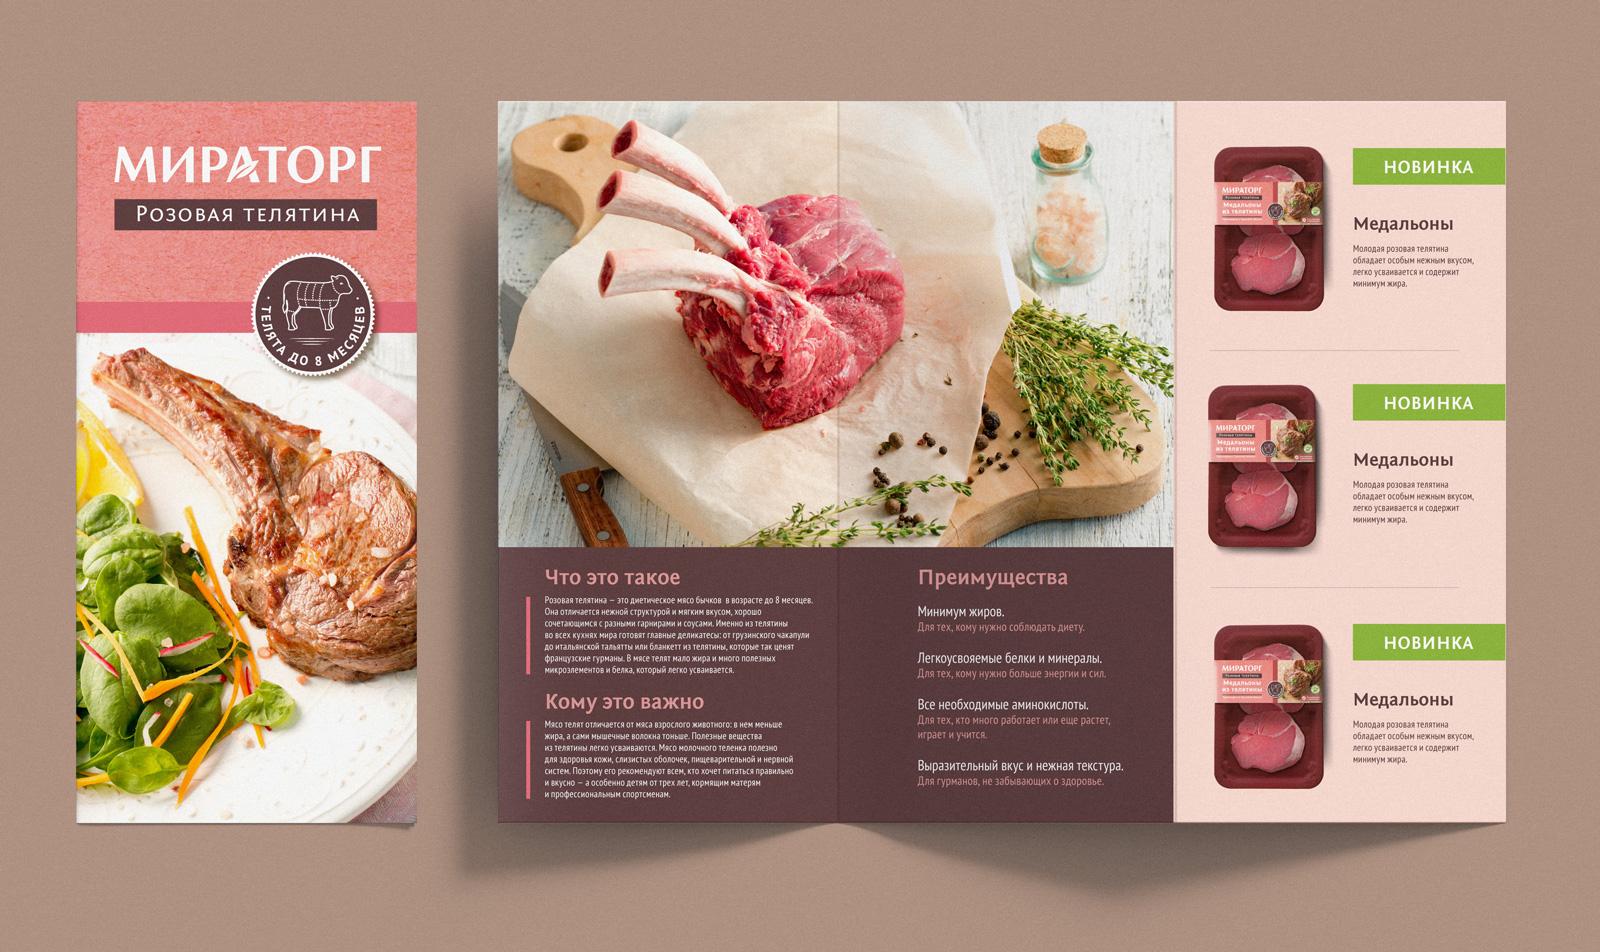 Дизайн полиграфии, дизайн буклетов розовой телятины «Мираторг» раскрывает достоинства нового продукта, дает максимум информации о продукте и способах приготовления.